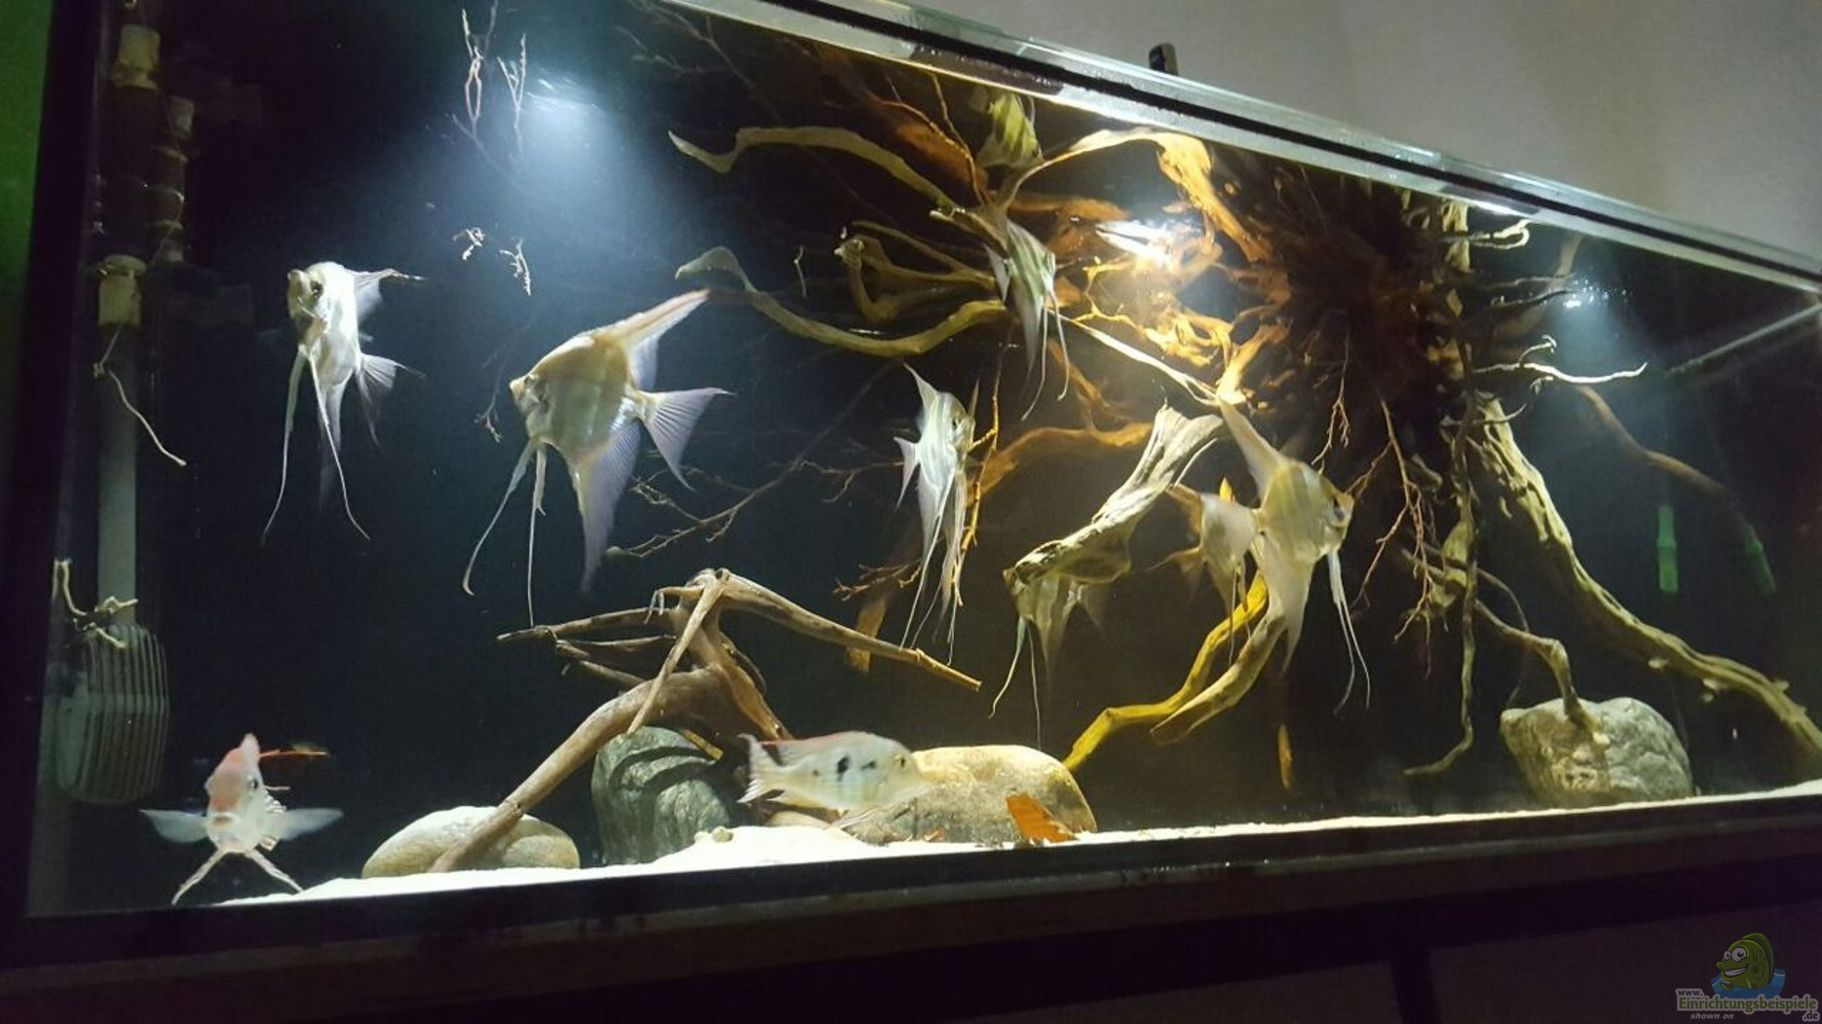 Aquarium von der fischer 1000l altum biotop for Aquarium einrichtungsideen